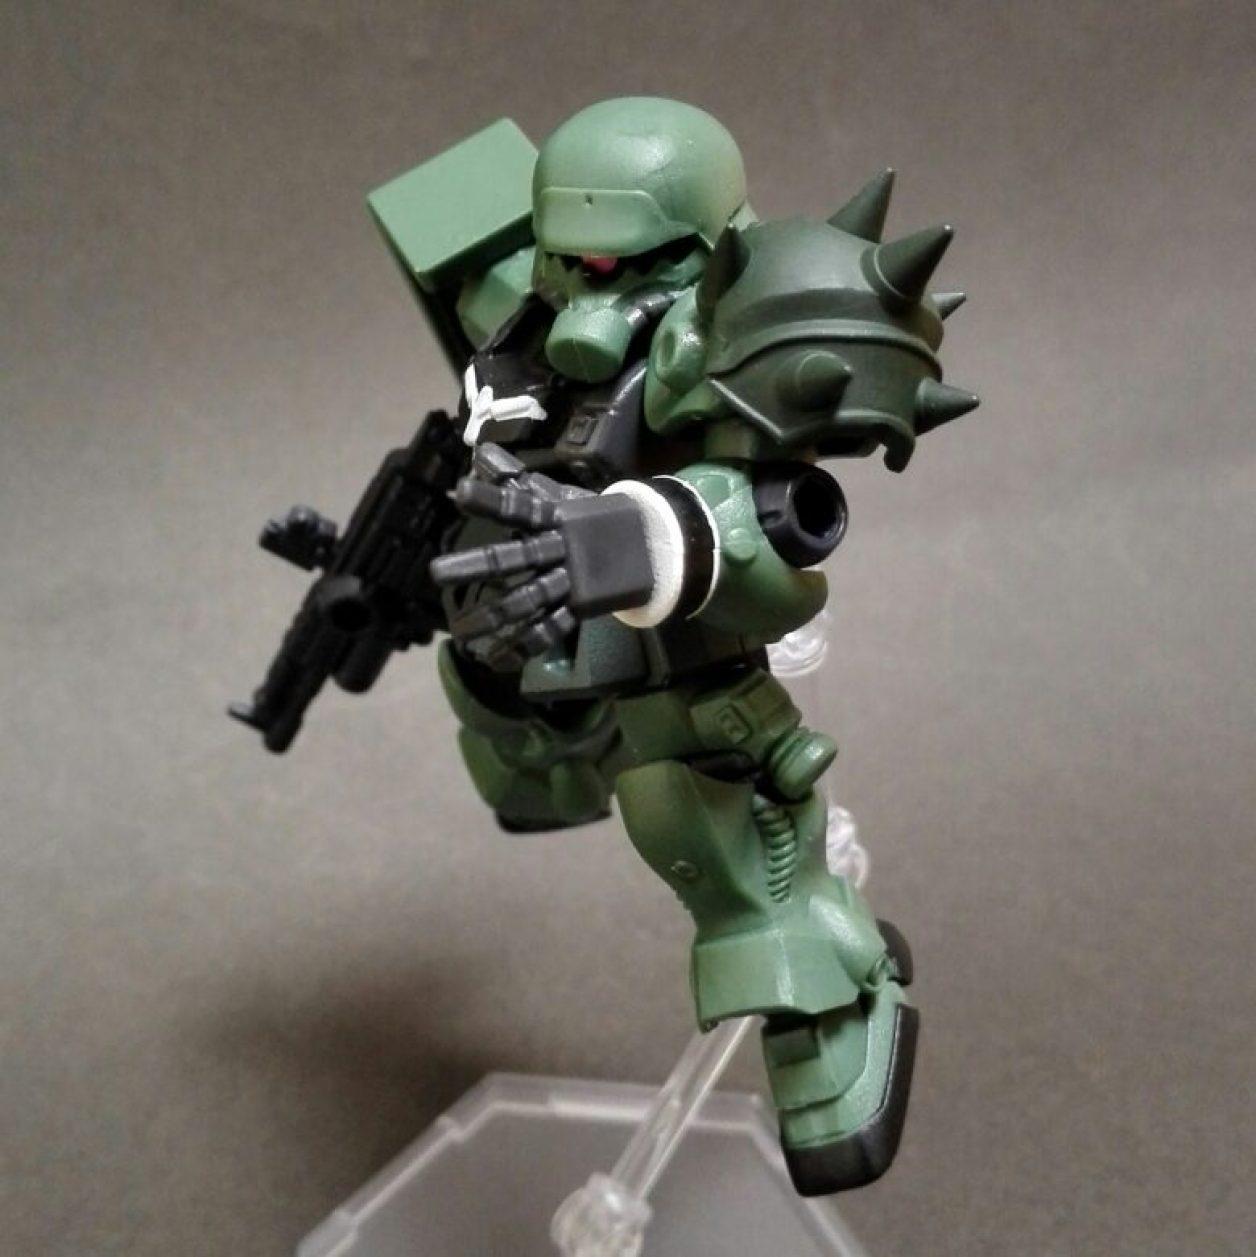 MOBILE SUIT ENSEMBLE(モビルスーツアンサンブル)第10弾のギラ・ズールにMS武器セットからショルダー・アーマーを装備させてポージングさせた画像